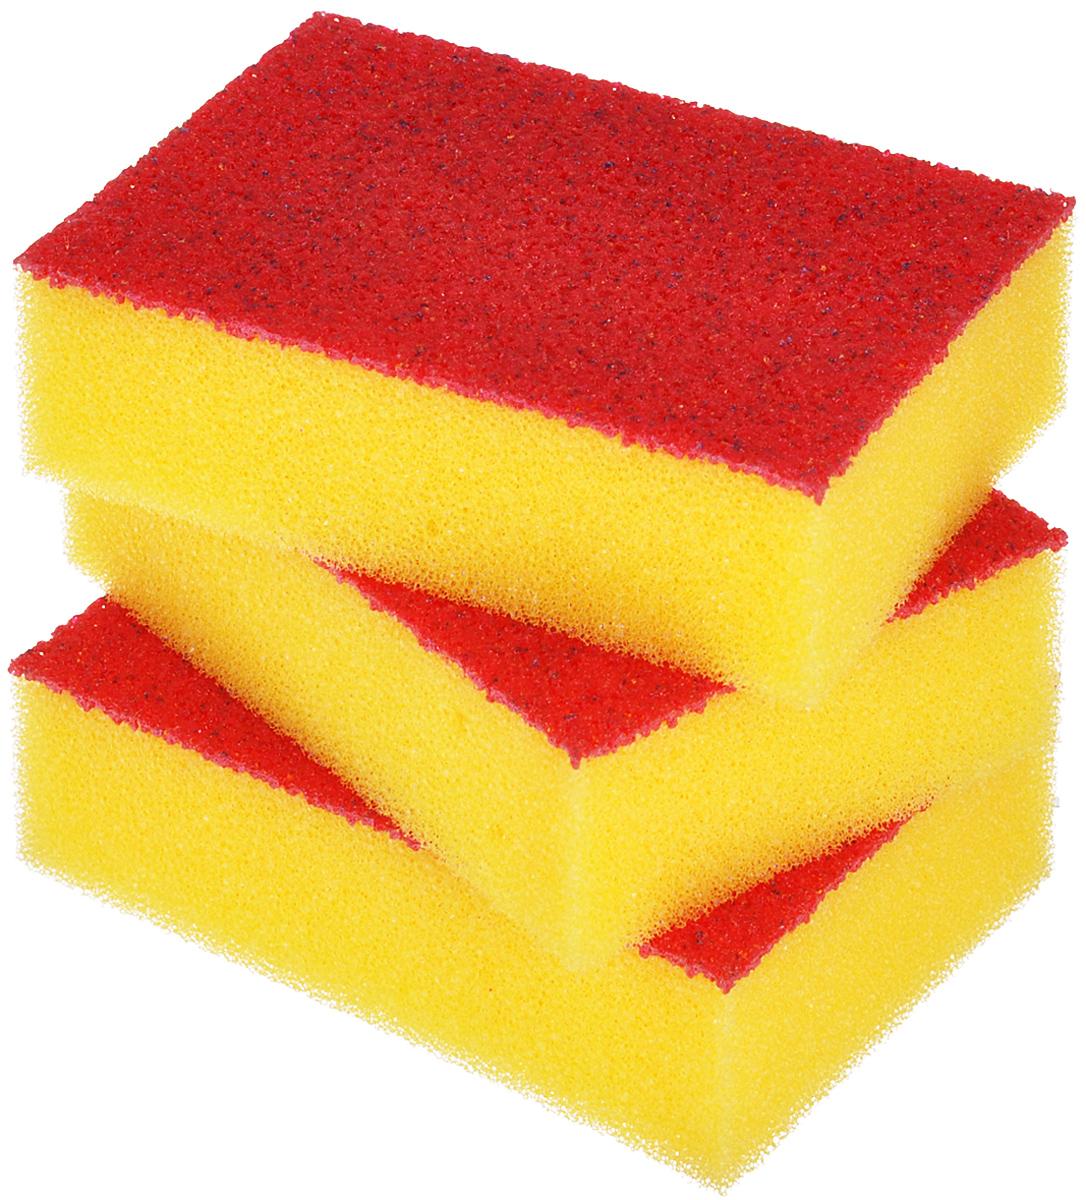 Набор губок Хозяюшка Мила Люкс для мытья посуды, цвет: желтый, 3 шт01010Поролоновые губки Хозяюшка Мила Люкс отличаются от большинства губок тем, что вместо абразивного чистящего слоя используется слой с эластомерной активной поверхностью (эластомер имеет полиуретановую основу). В отличие от абразивной фибры эластомер не наклеивается, а накатывается на поролон, поэтому срок службы такой губки во много раз дольше, чем обычной губки. Размер губки: 10 см х 7 см х 3 см.